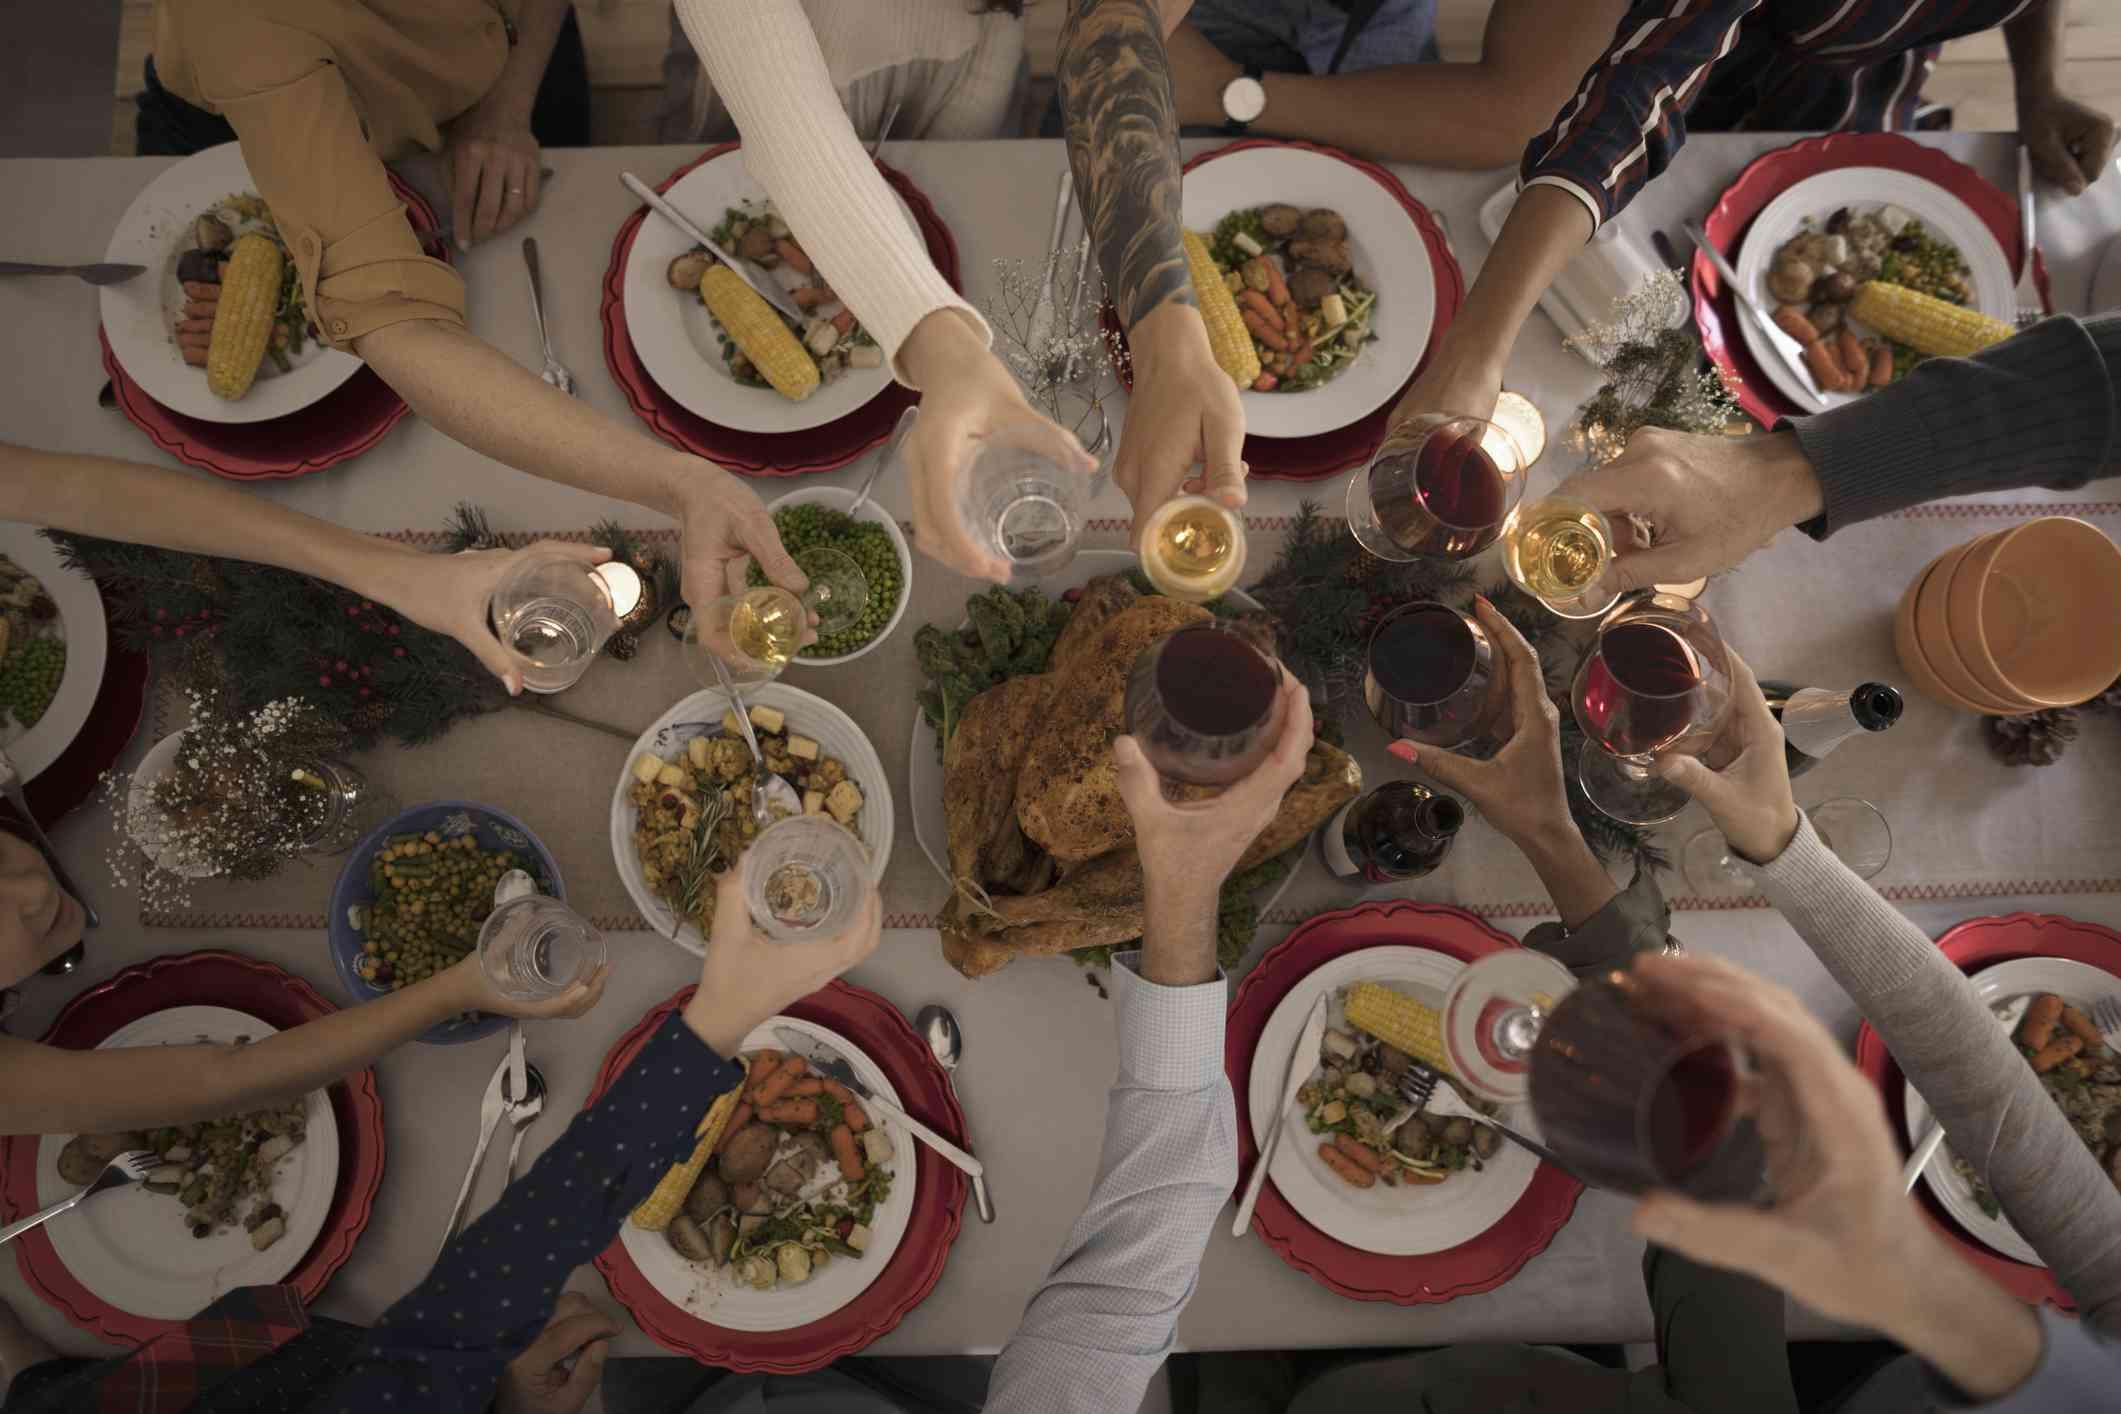 Enjoying Thanksgiving day meal